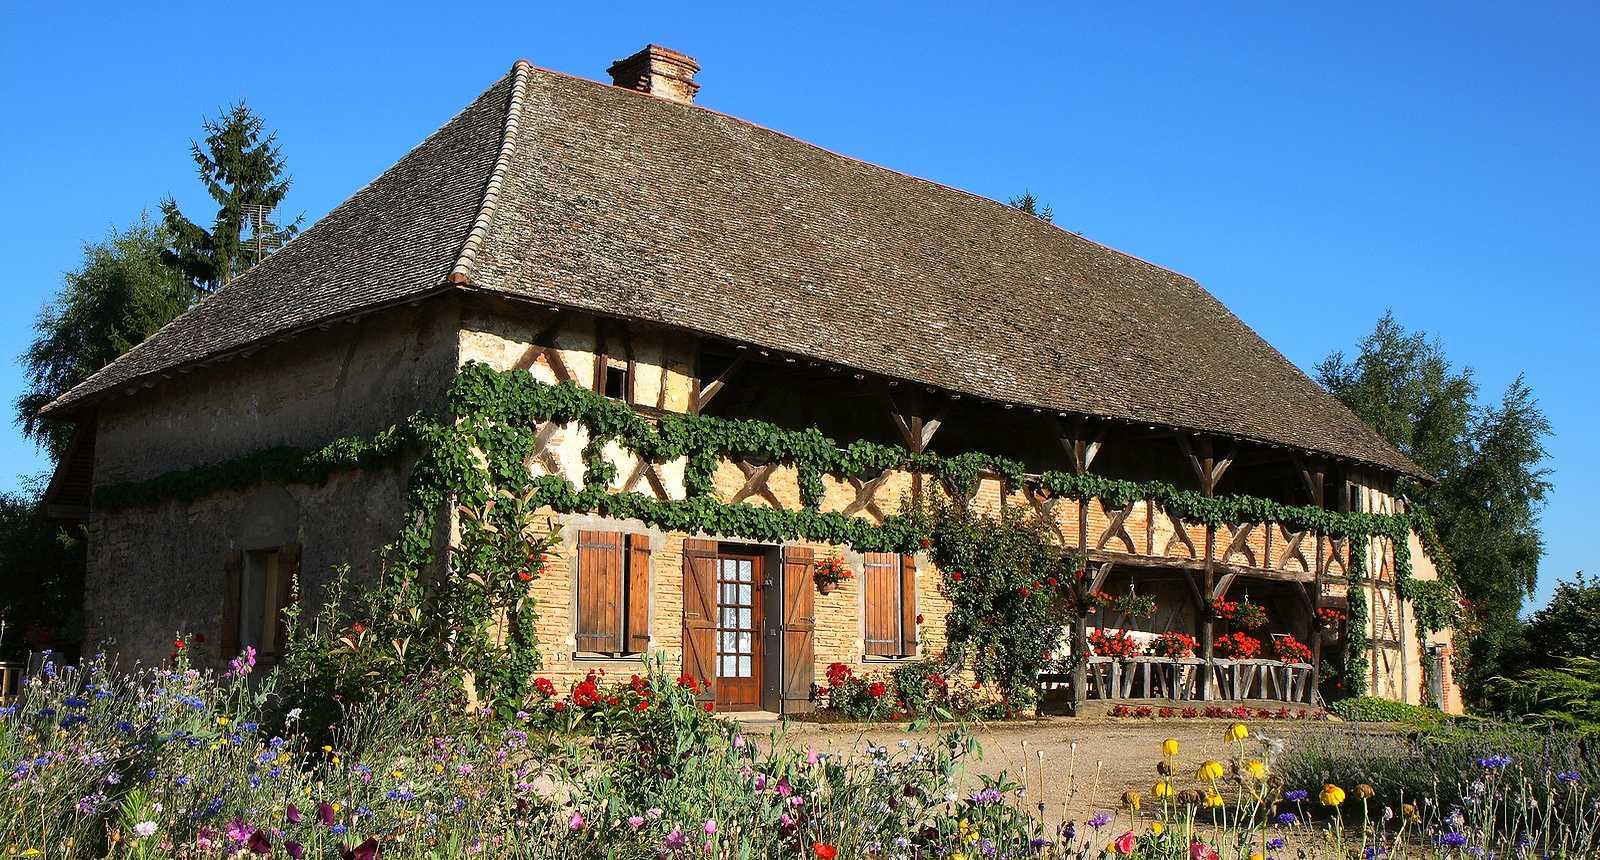 Photo maison bressanne typique baudri res 426 for Maison de la literie beziers